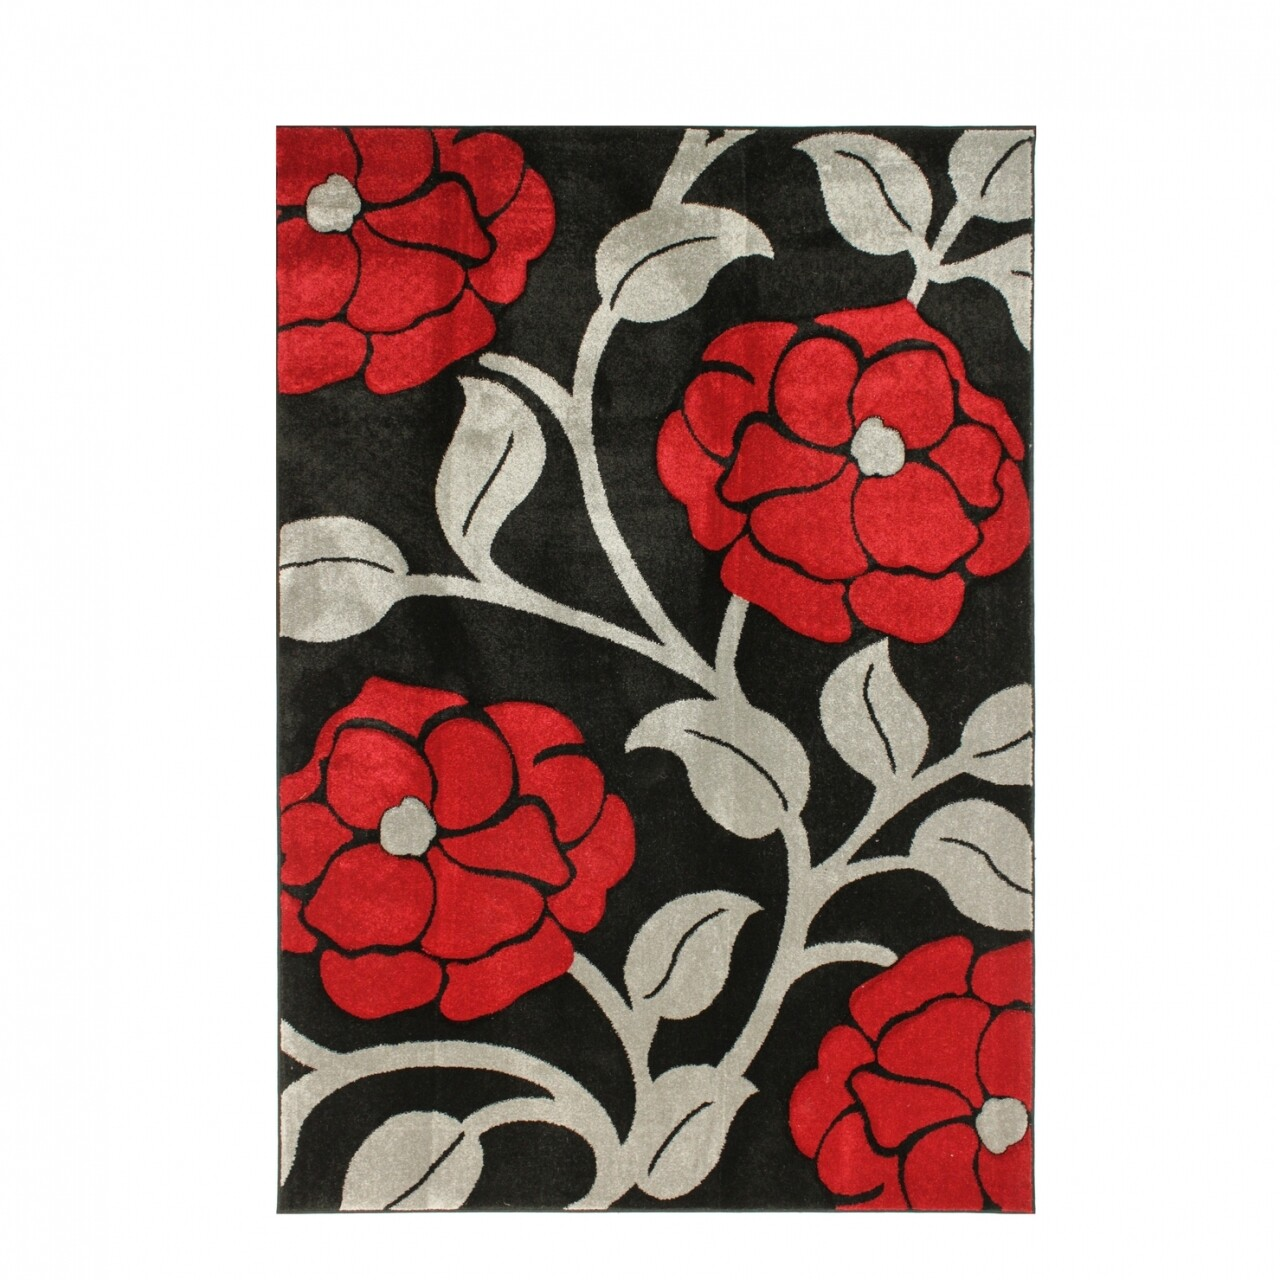 Covor Vine Red, Flair Rugs, 120 x 170 cm, 100% polipropilena, negru/bej/rosu